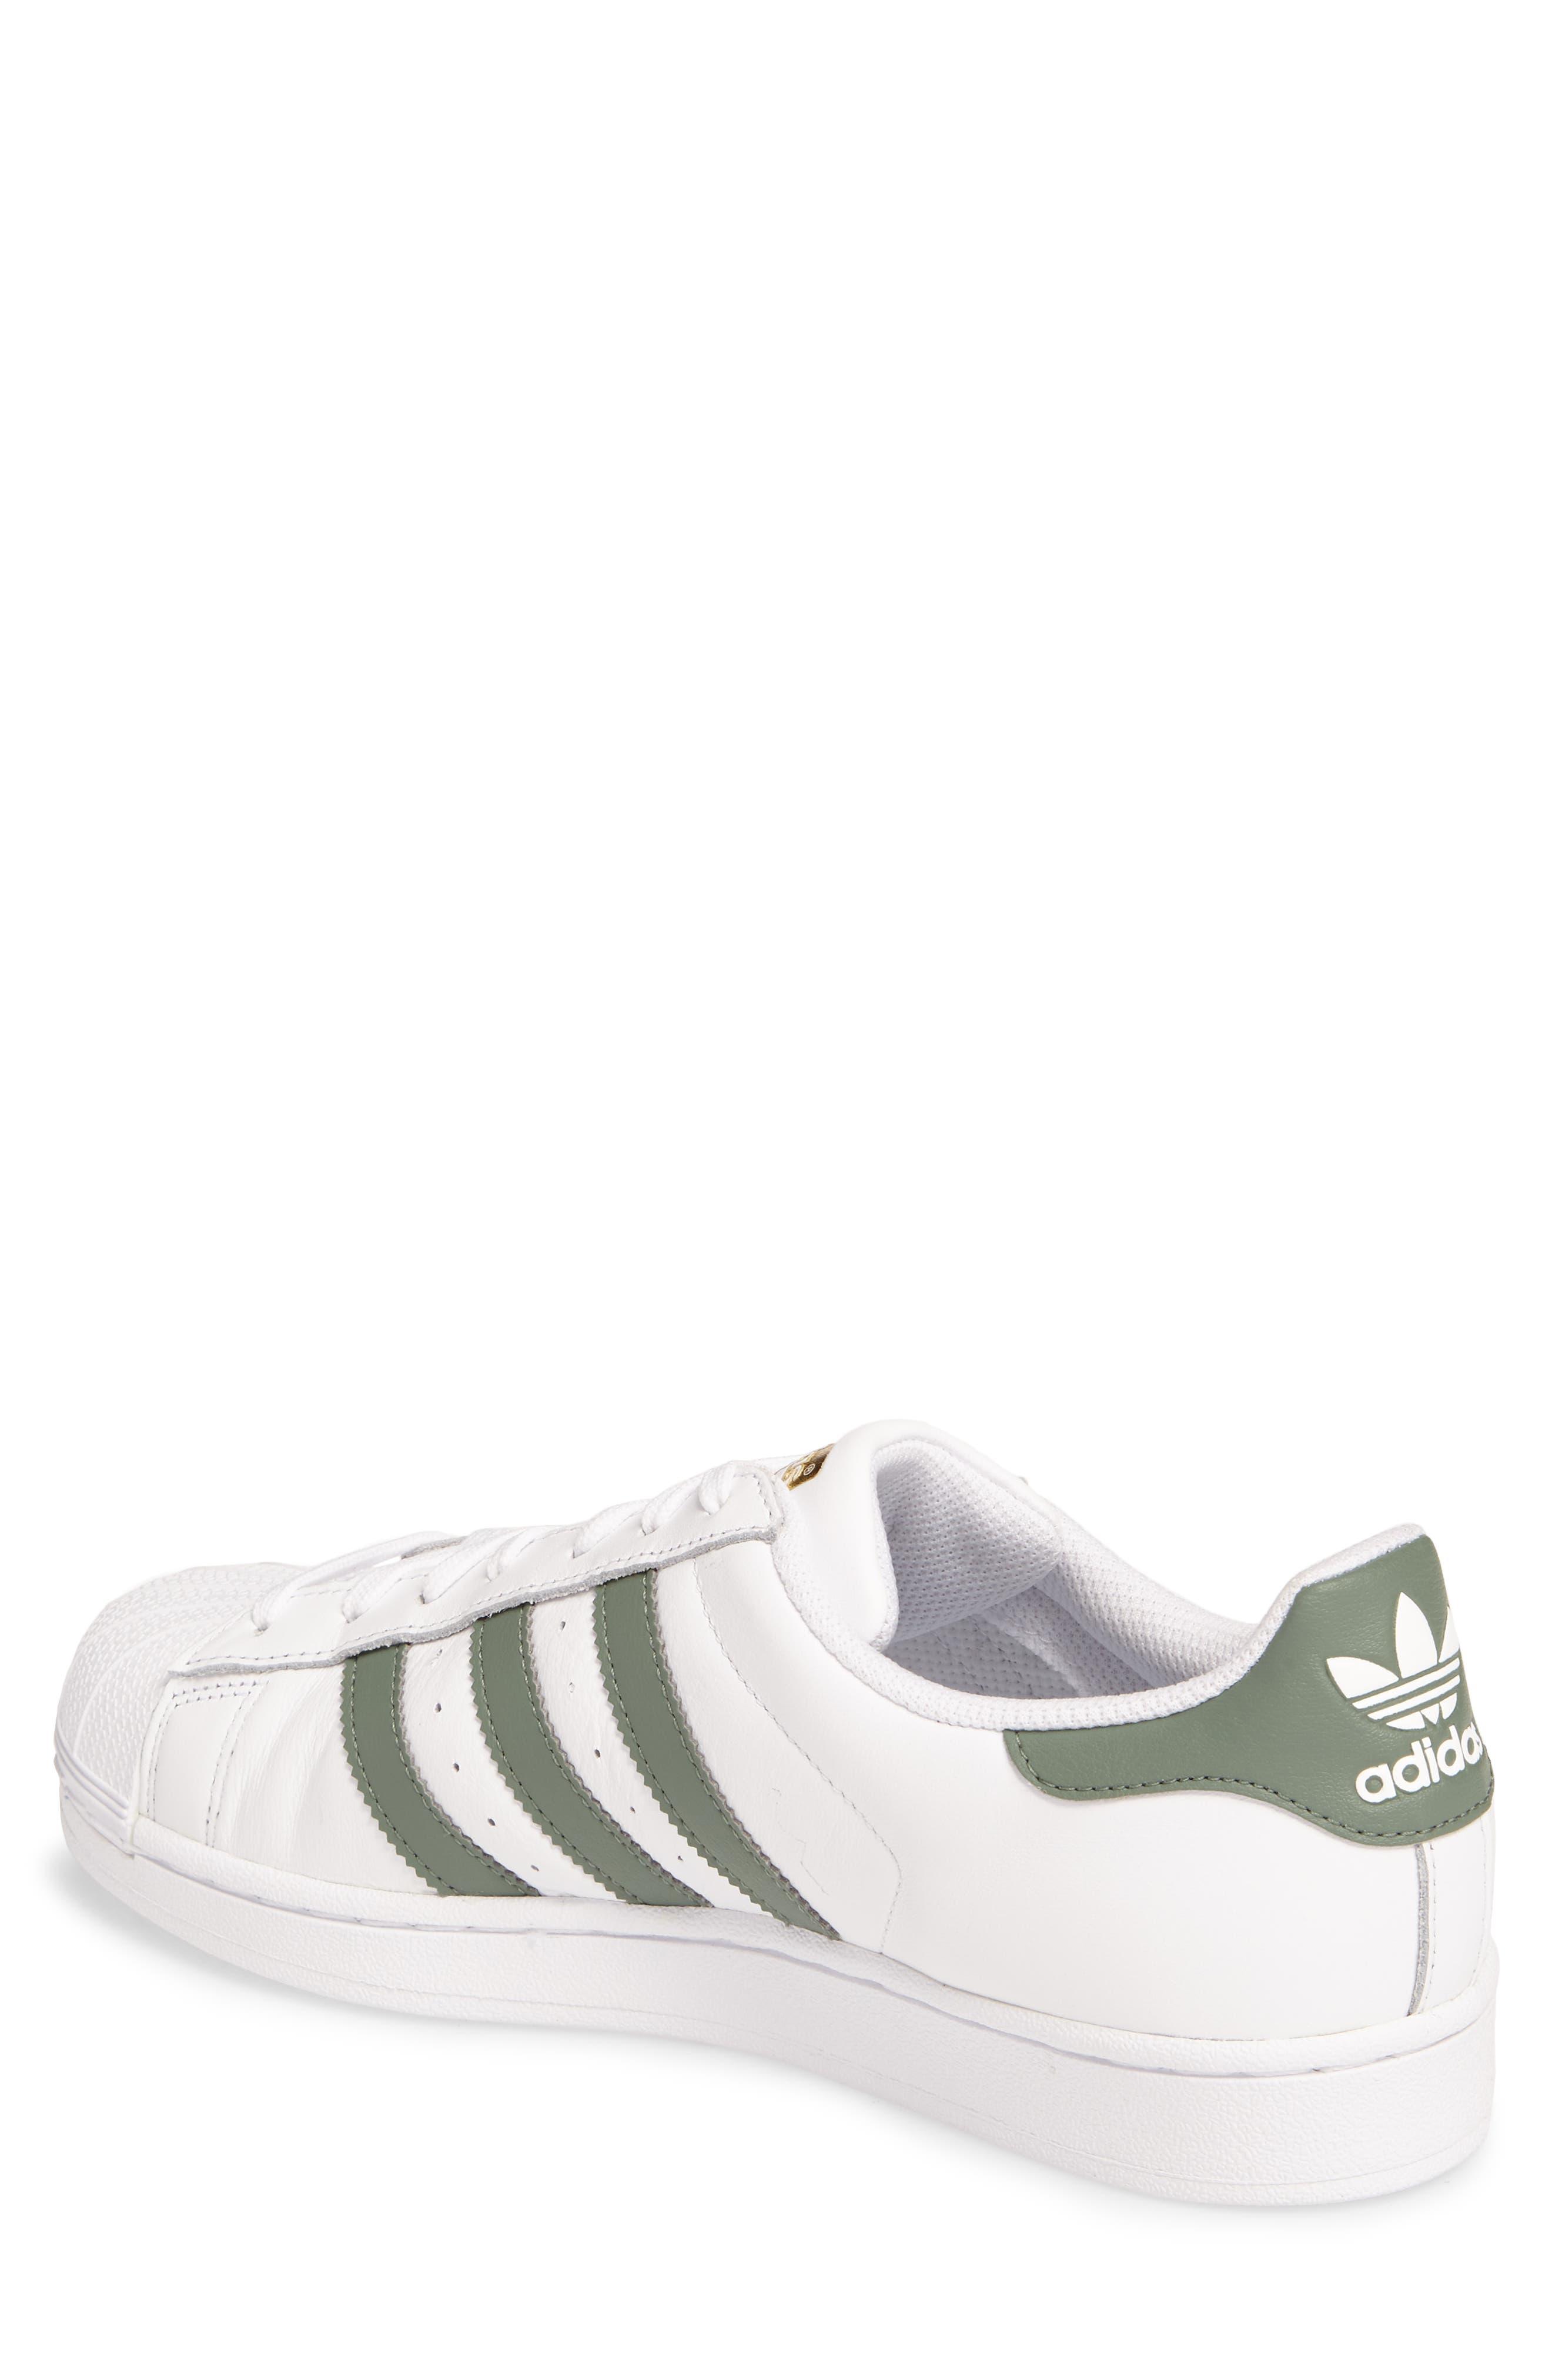 Superstar Sneaker,                             Alternate thumbnail 17, color,